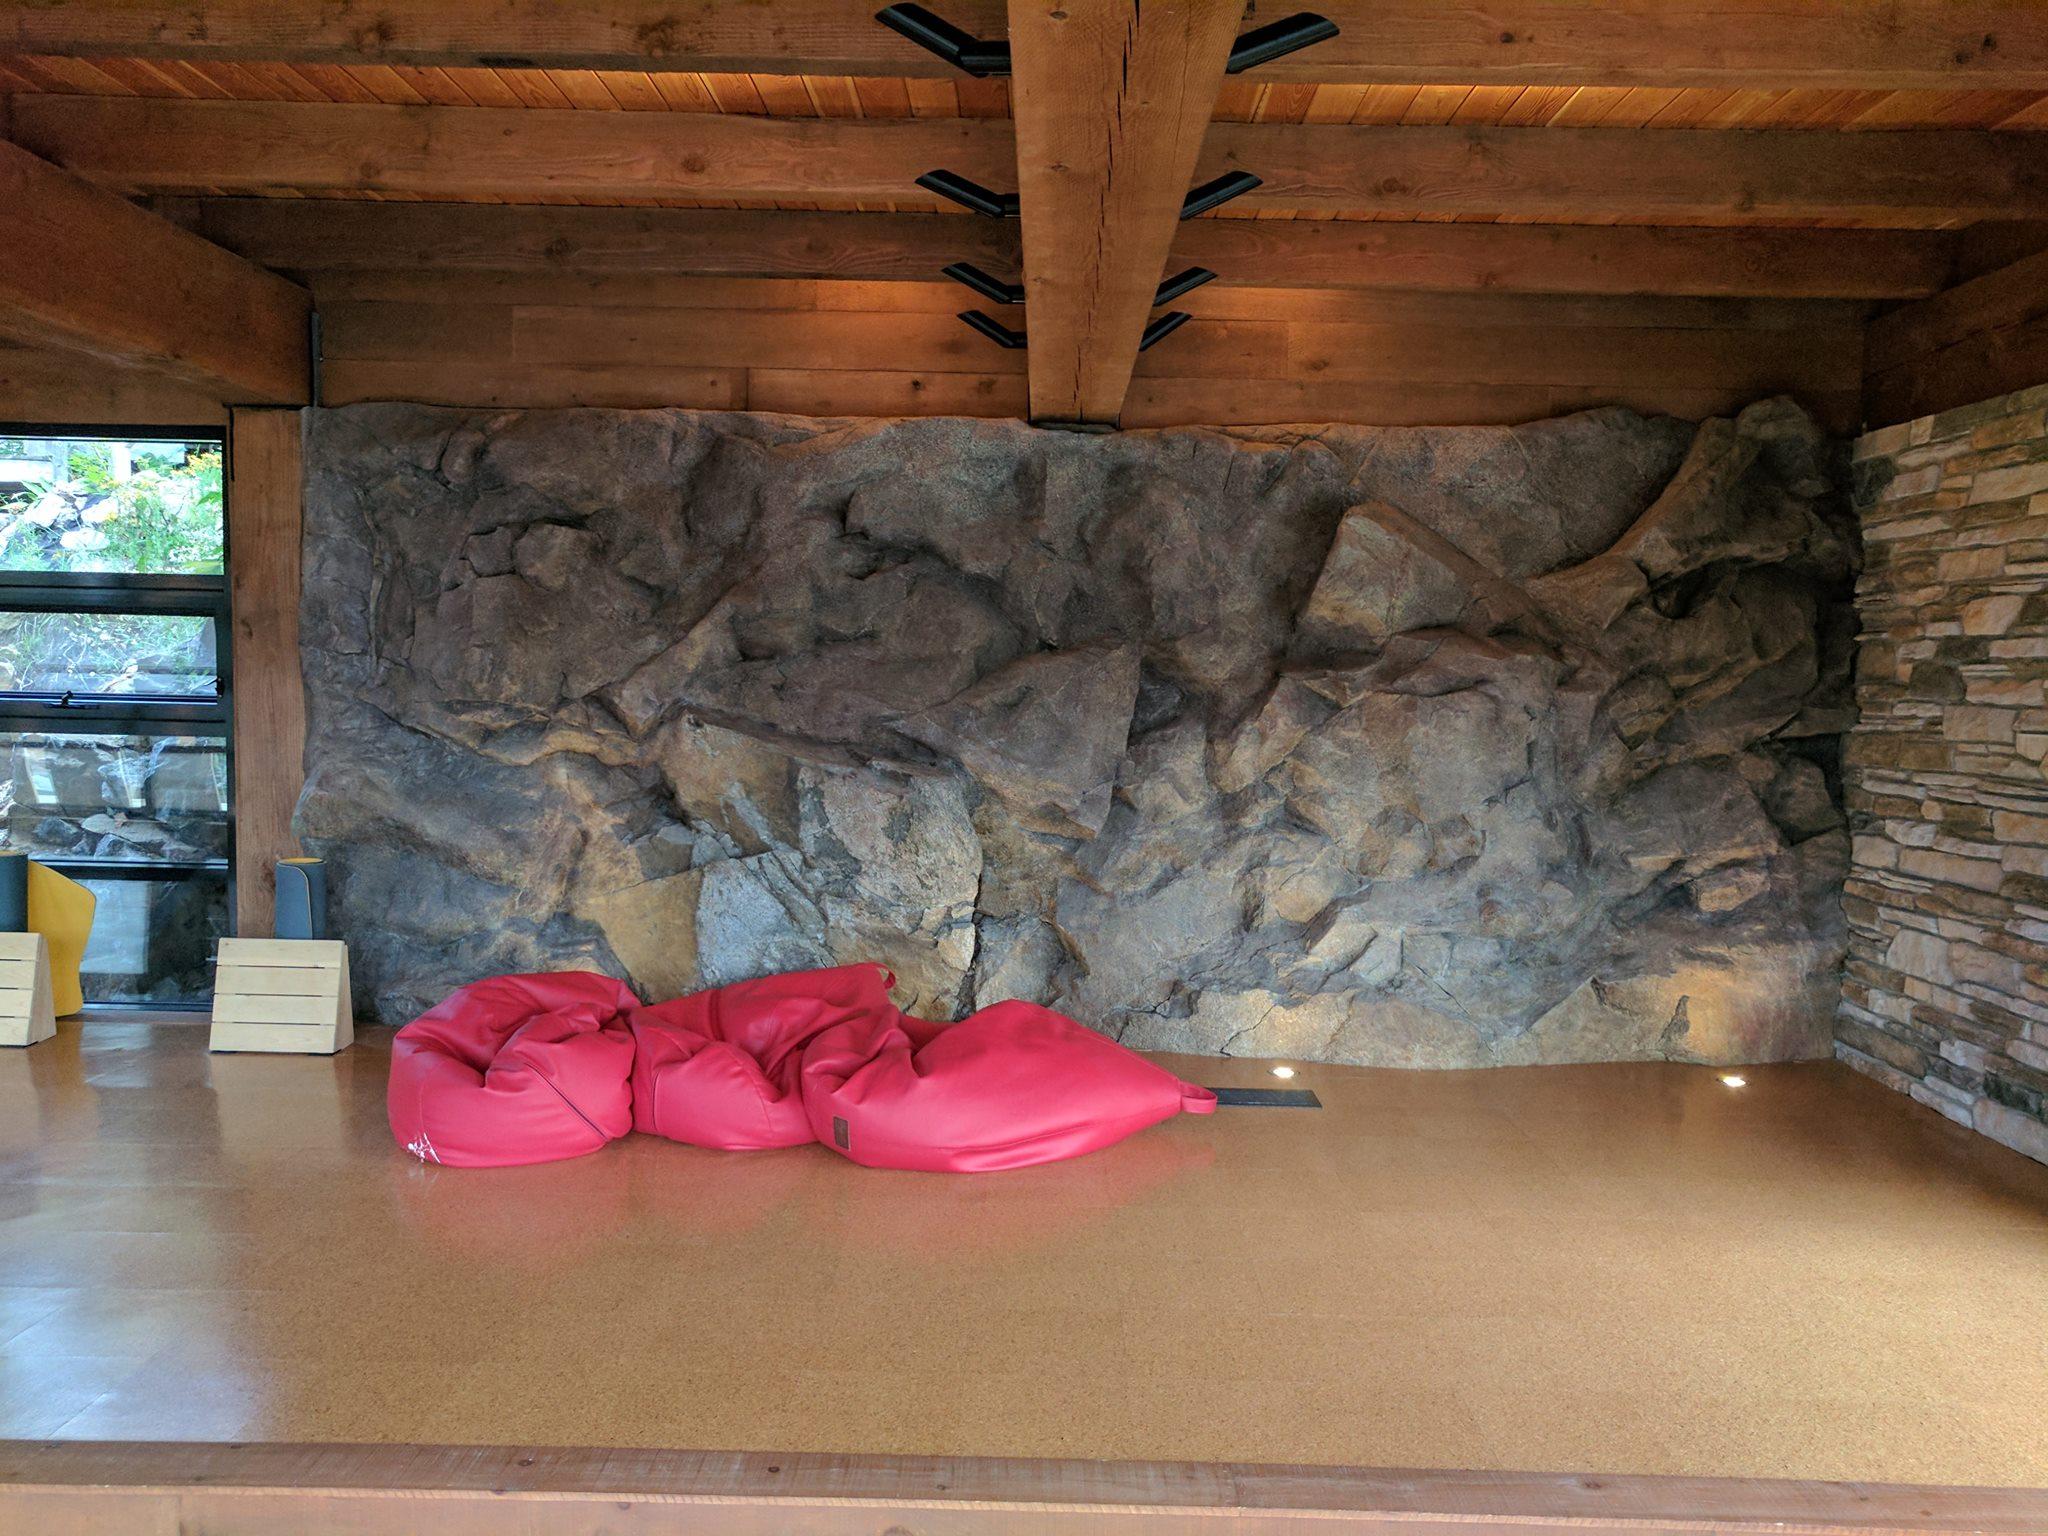 Yoga Studio Rock wall